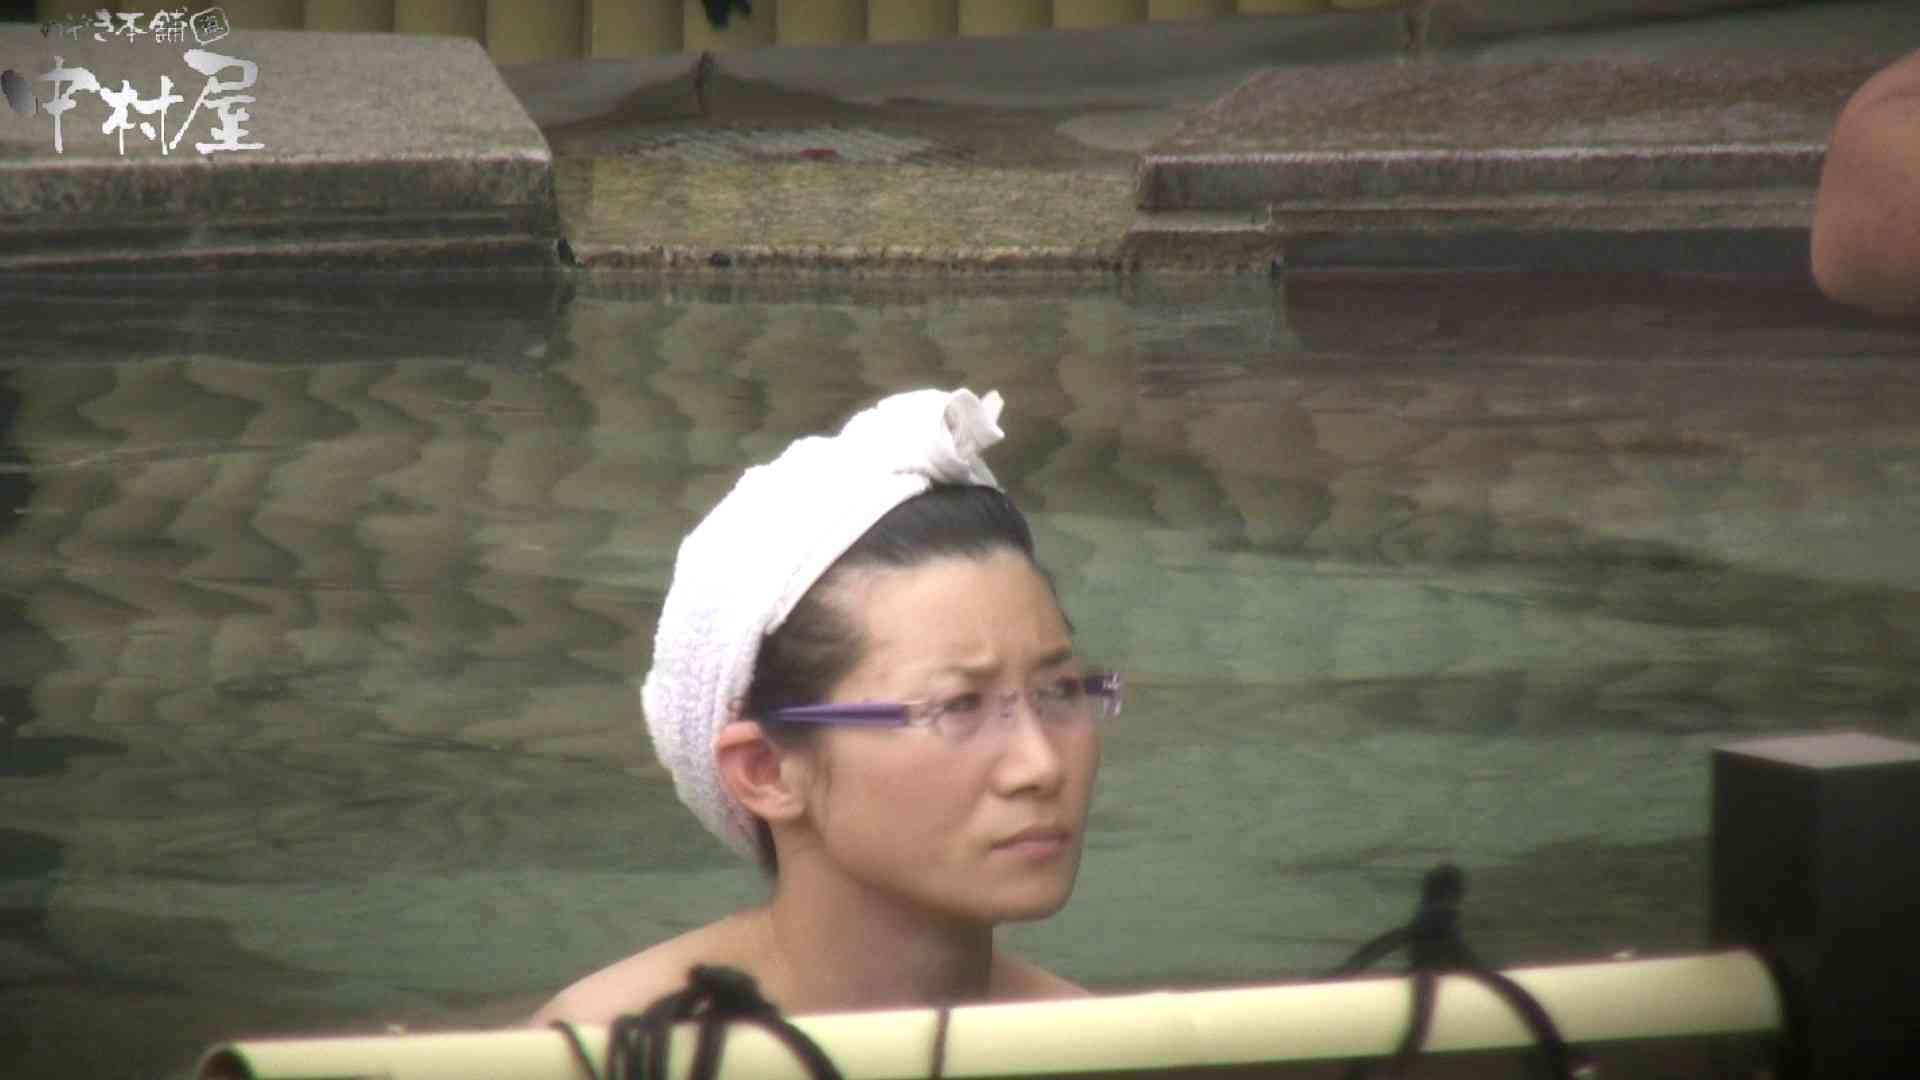 Aquaな露天風呂Vol.905 露天 | 盗撮  90pic 35